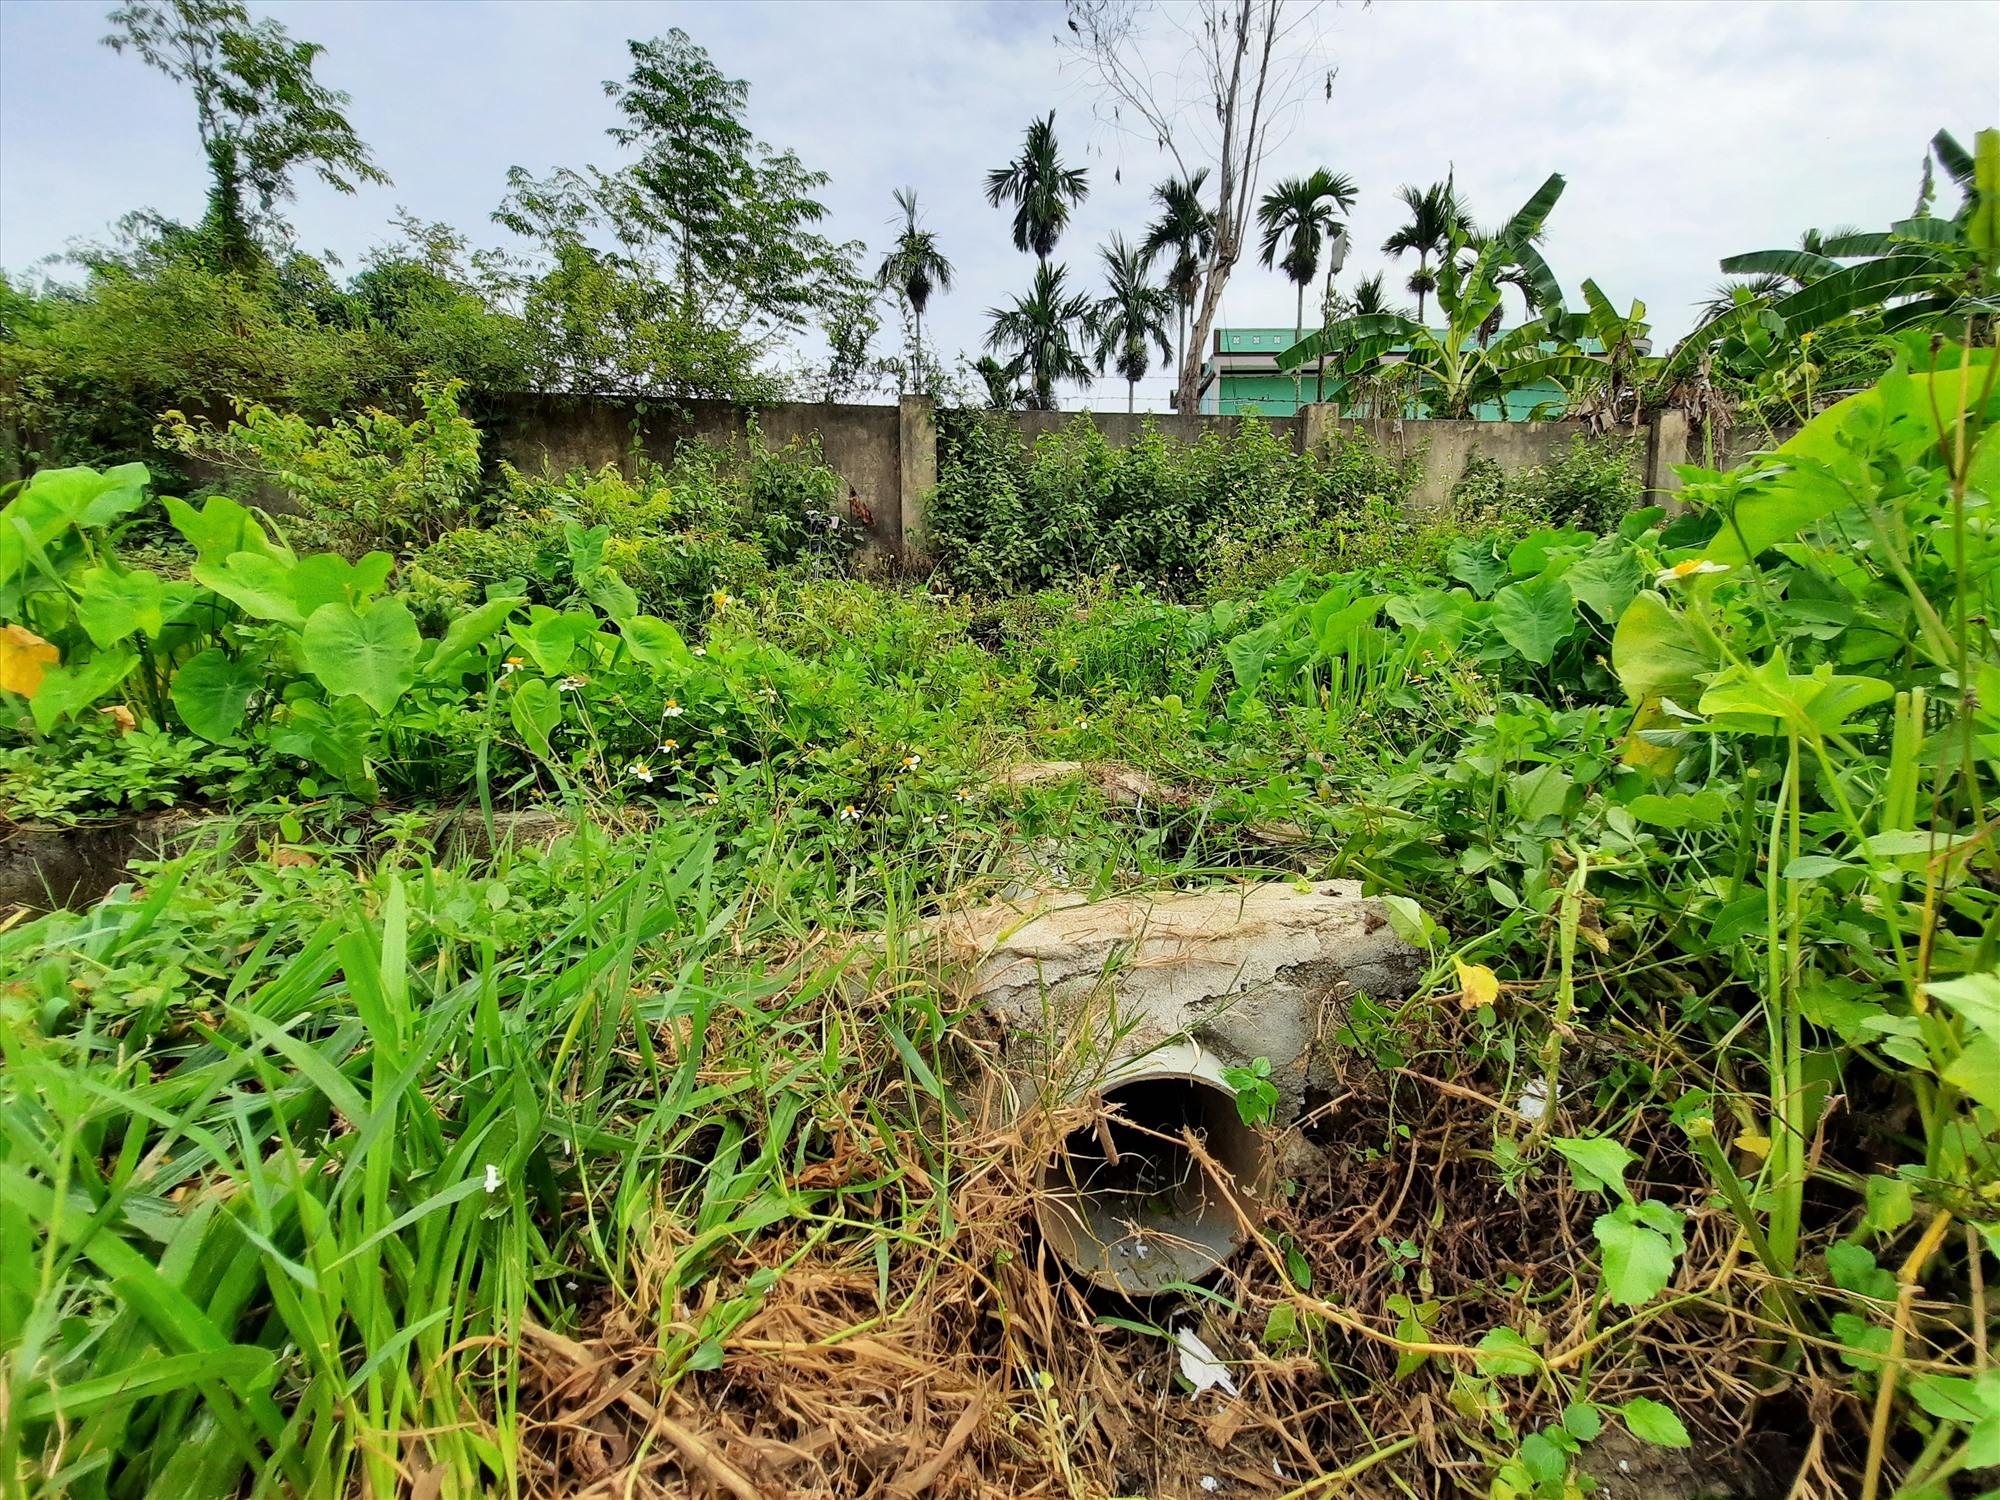 Một ống xả nước thải ra mương tưới tiêu nối từ bên trong trang trại nuôi gà Văn Học ra bên ngoài. Ảnh: Đ. Q